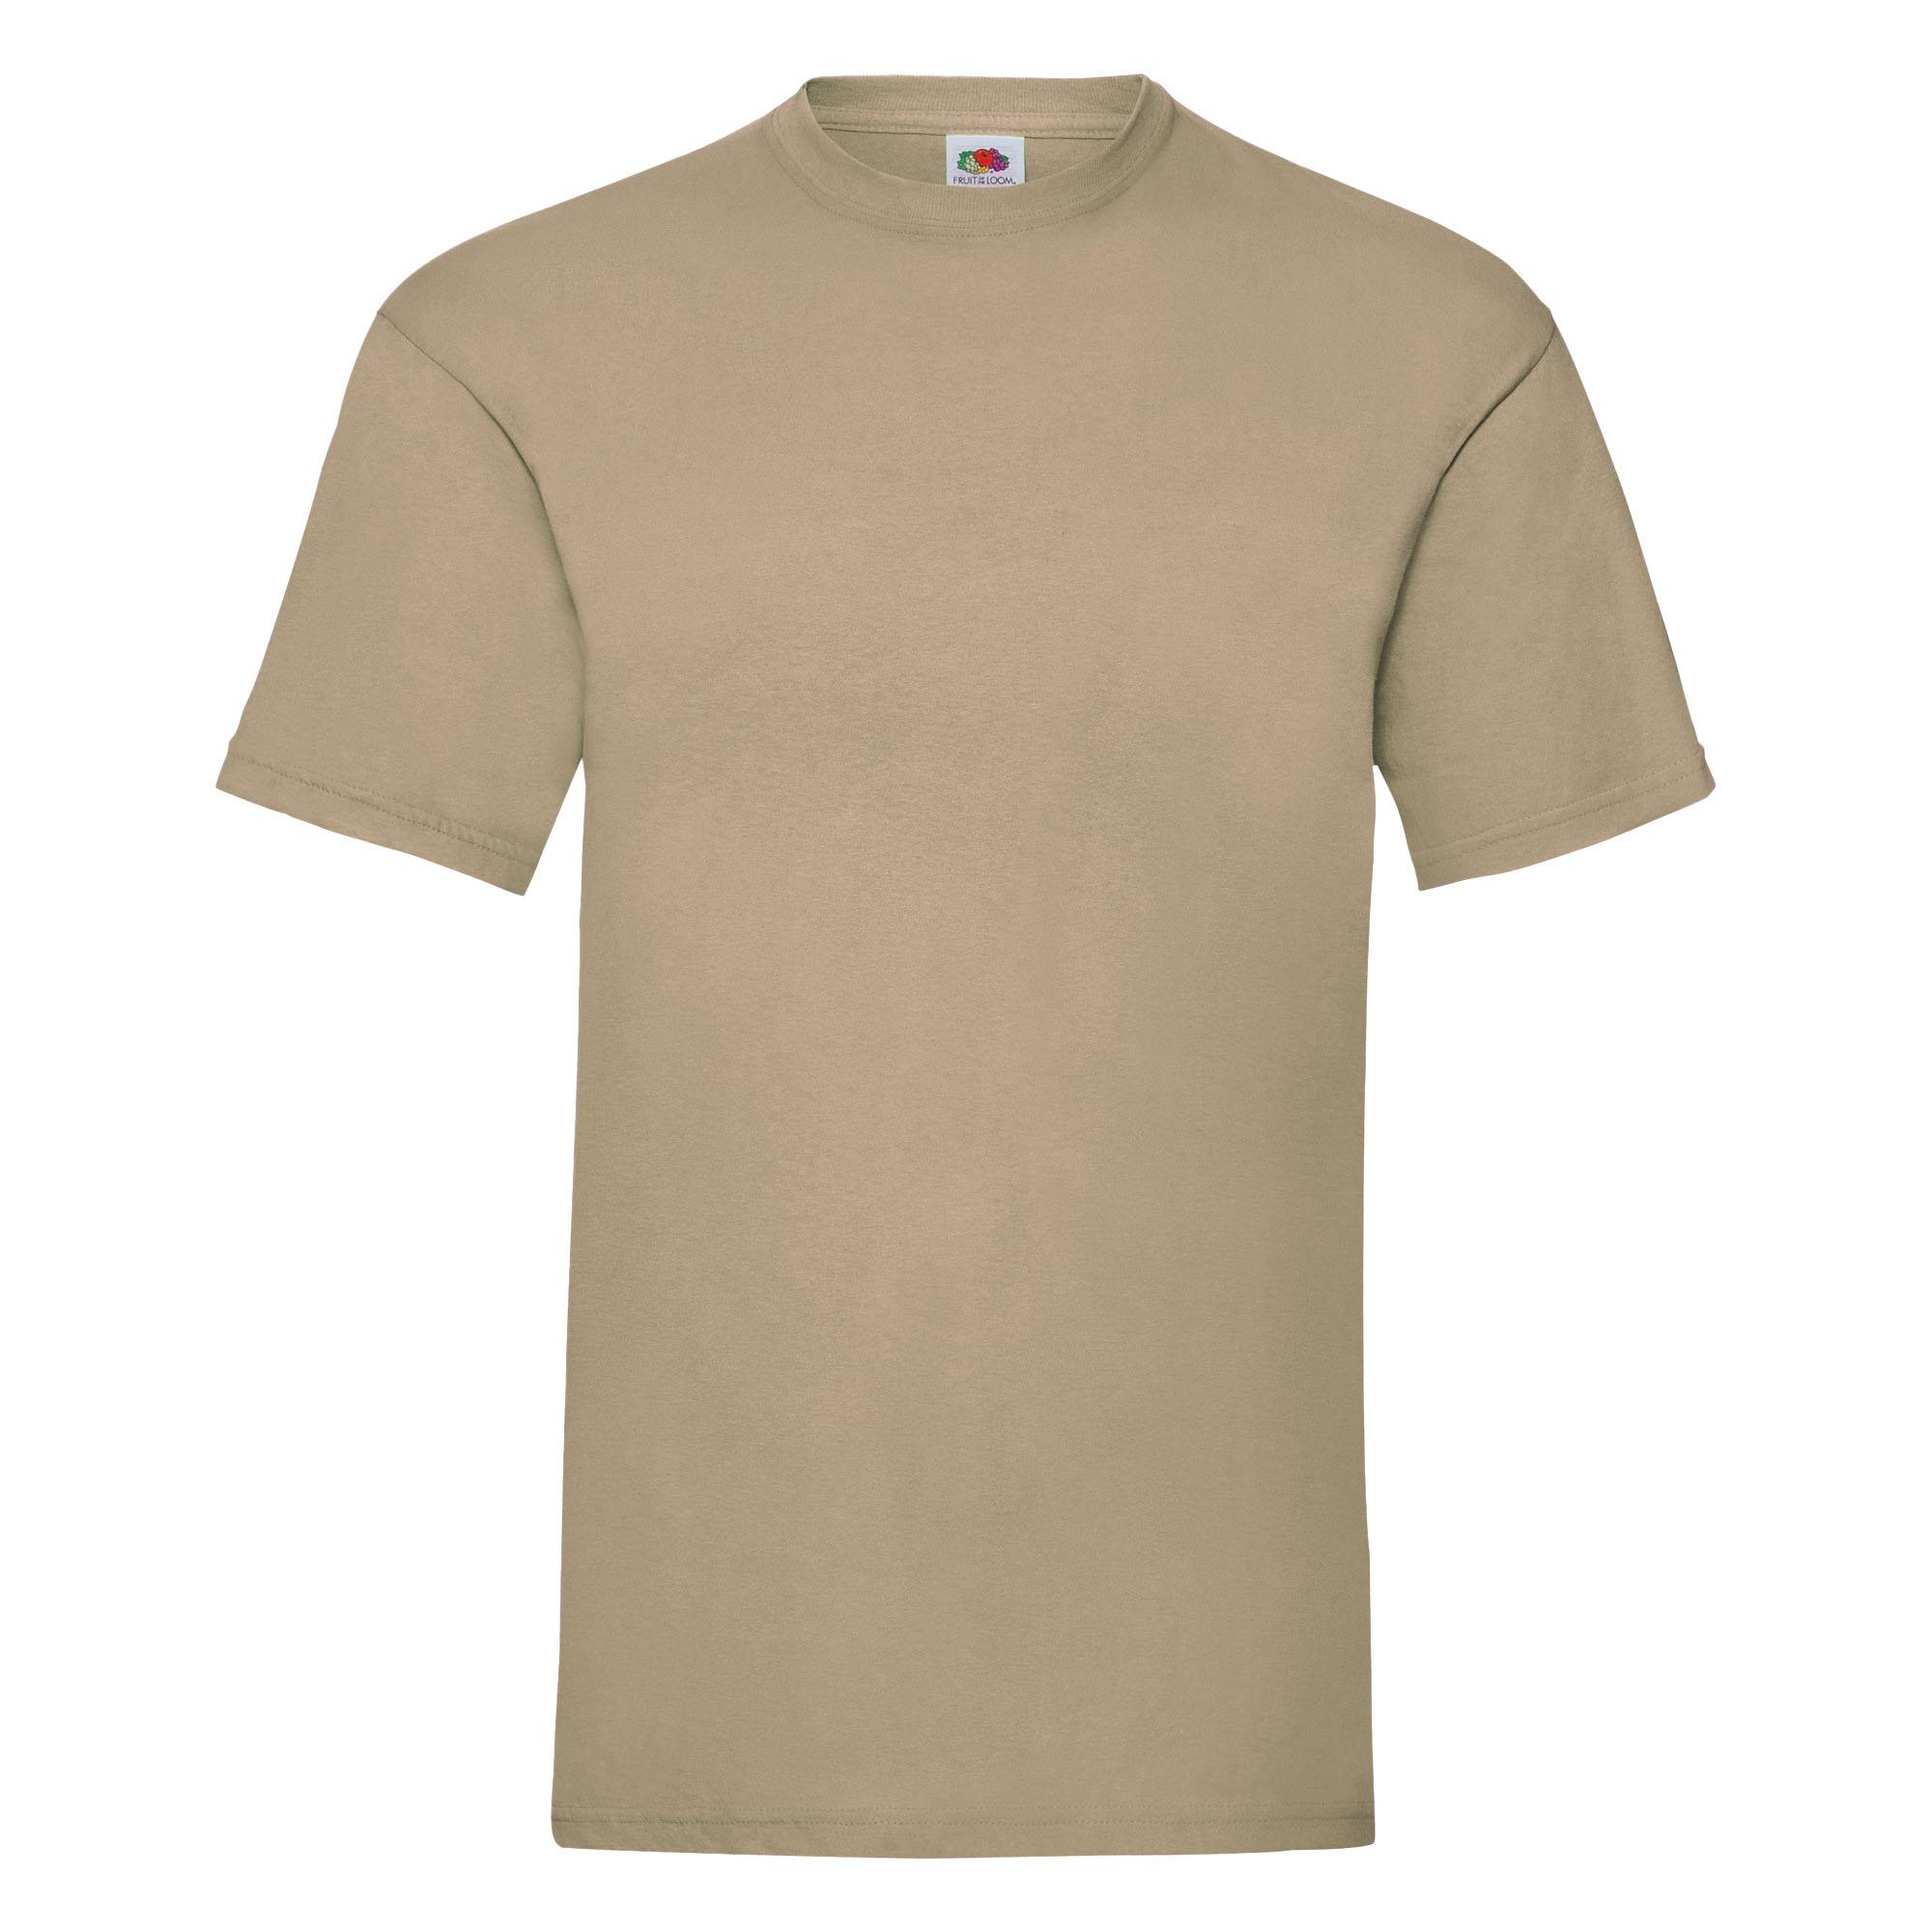 T-shirt-a-manches-courtes-Fruit-Of-The-Loom-100-coton-pour-homme-S-3XL